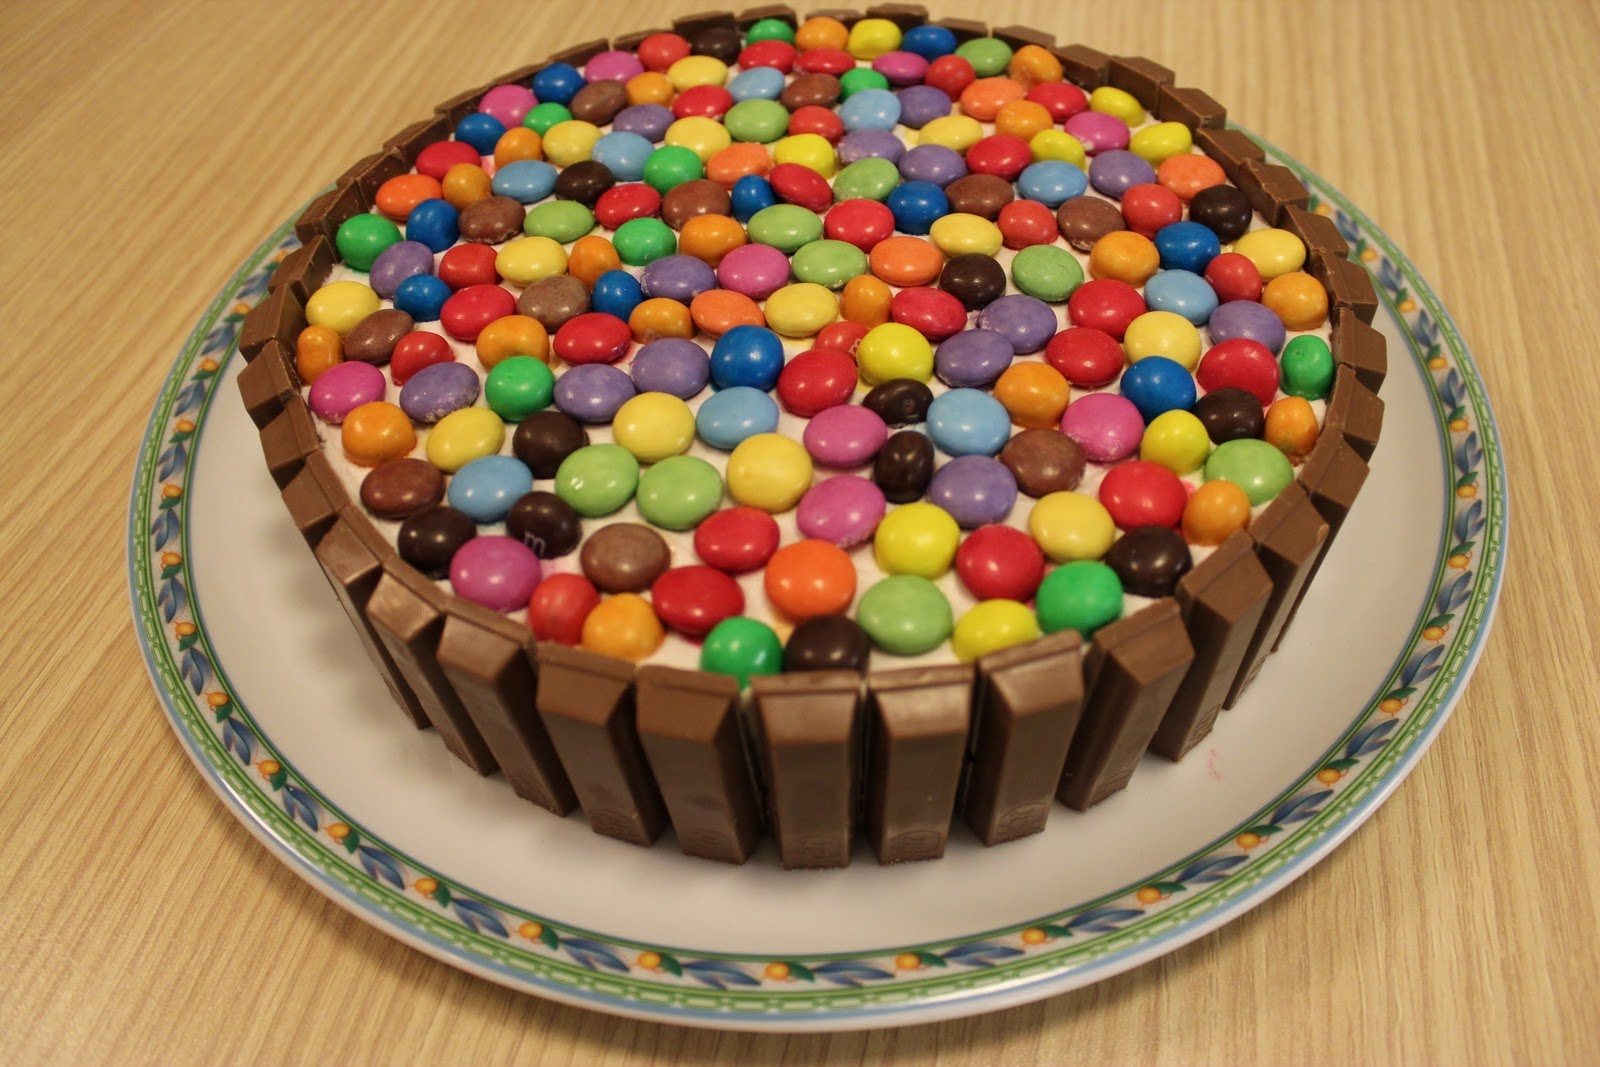 Праздничный торт своими руками рецепт с фото на день рождения